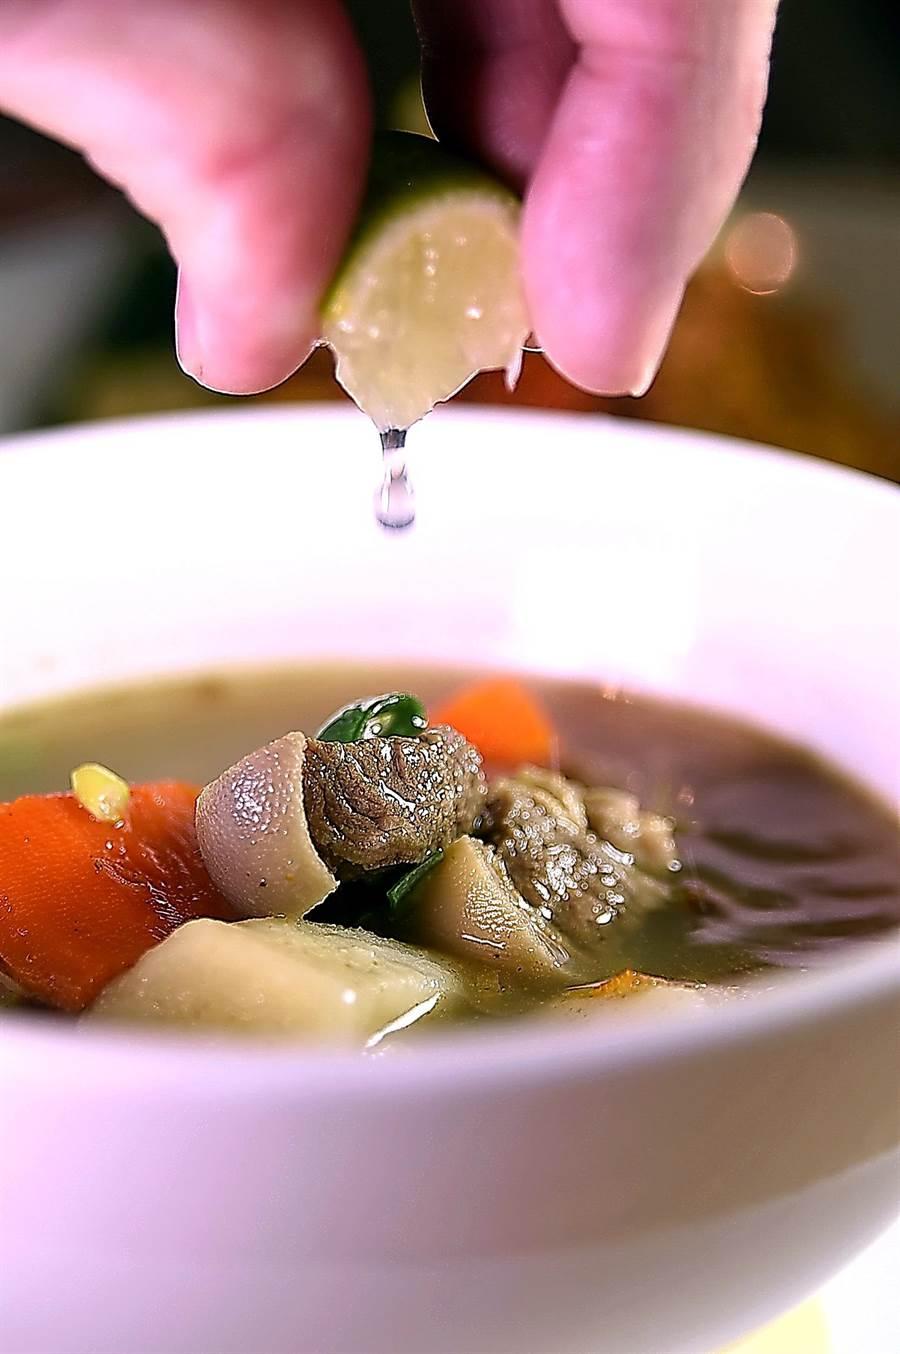 台北君悅Buffet餐廳〈凱菲屋〉舉辦馬來西亞美食節期間,可以喝到源於穆斯林的〈馬來羊肉湯〉,喝時擠入檸檬汁風味更佳。(圖/姚舜)